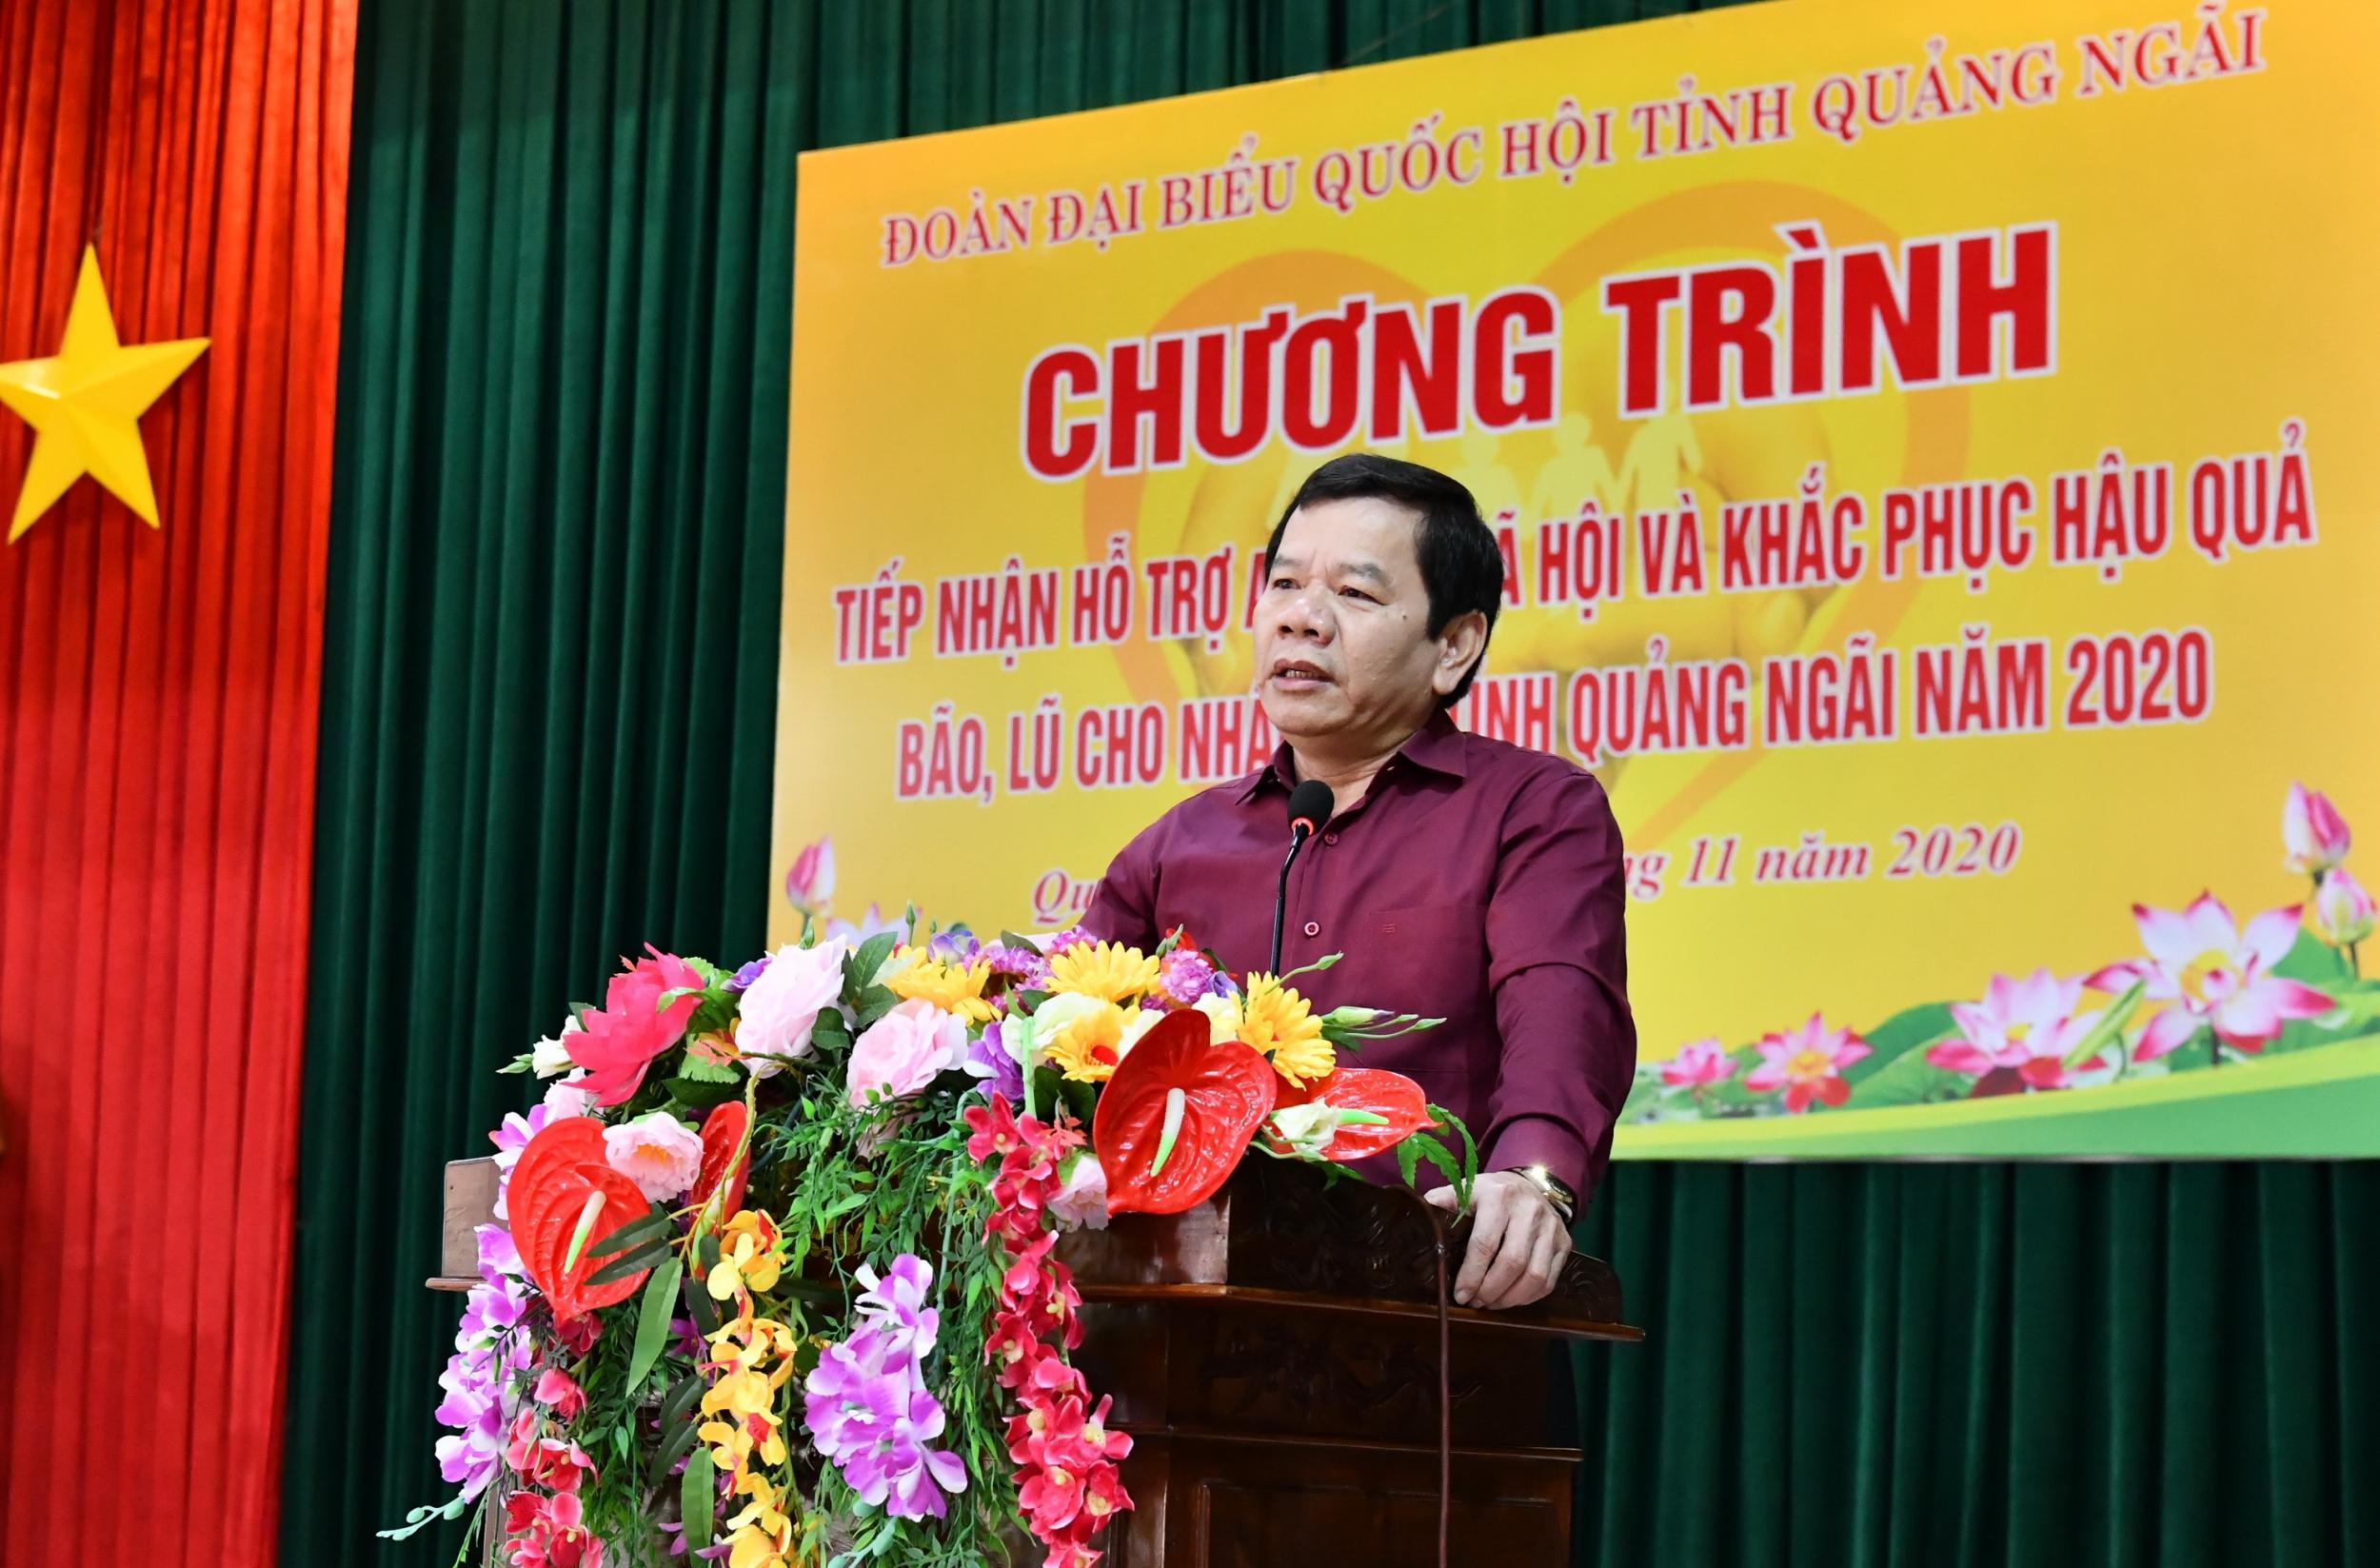 PVN cùng các đơn vị thành viên BSR và PV GAS hỗ trợ tỉnh Quảng Ngãi 2 tỷ đồng khắc phục thiệt hại do bão số 9